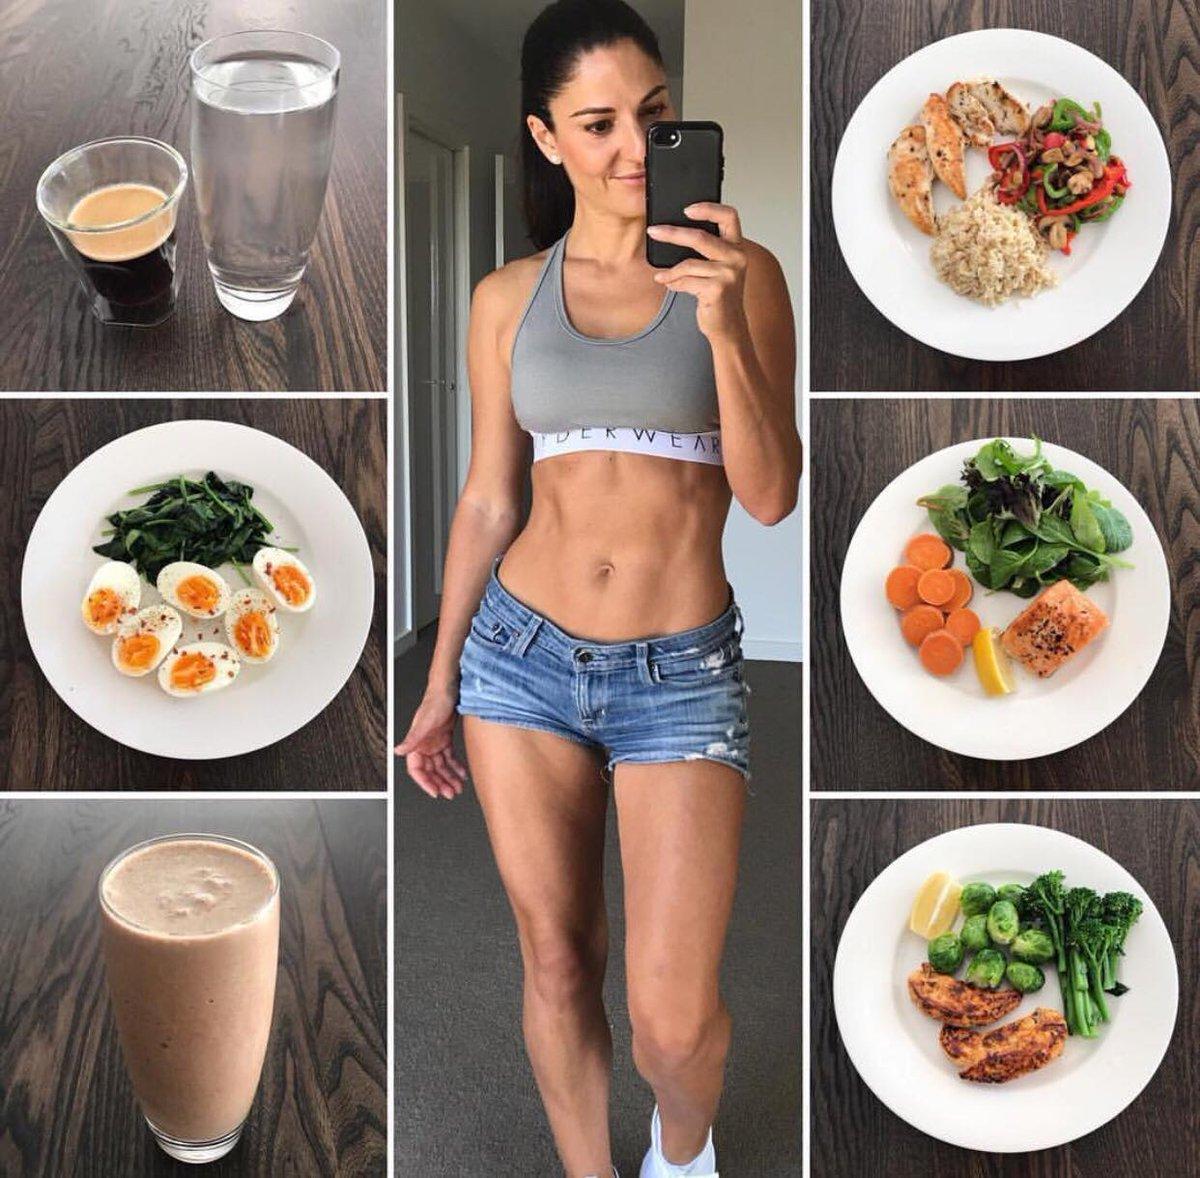 Диета Похудеть Рецепты. Диетические рецепты для похудения на каждый день